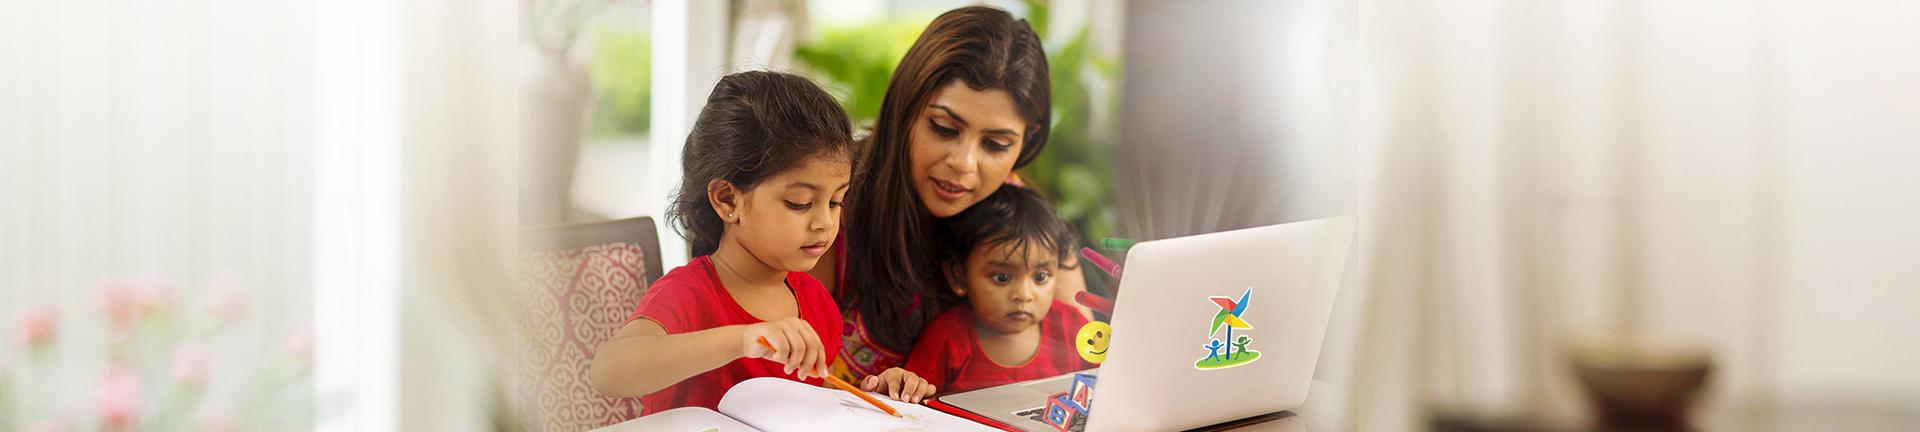 Homeschooling-an-effective-way-to-Teach-Kids